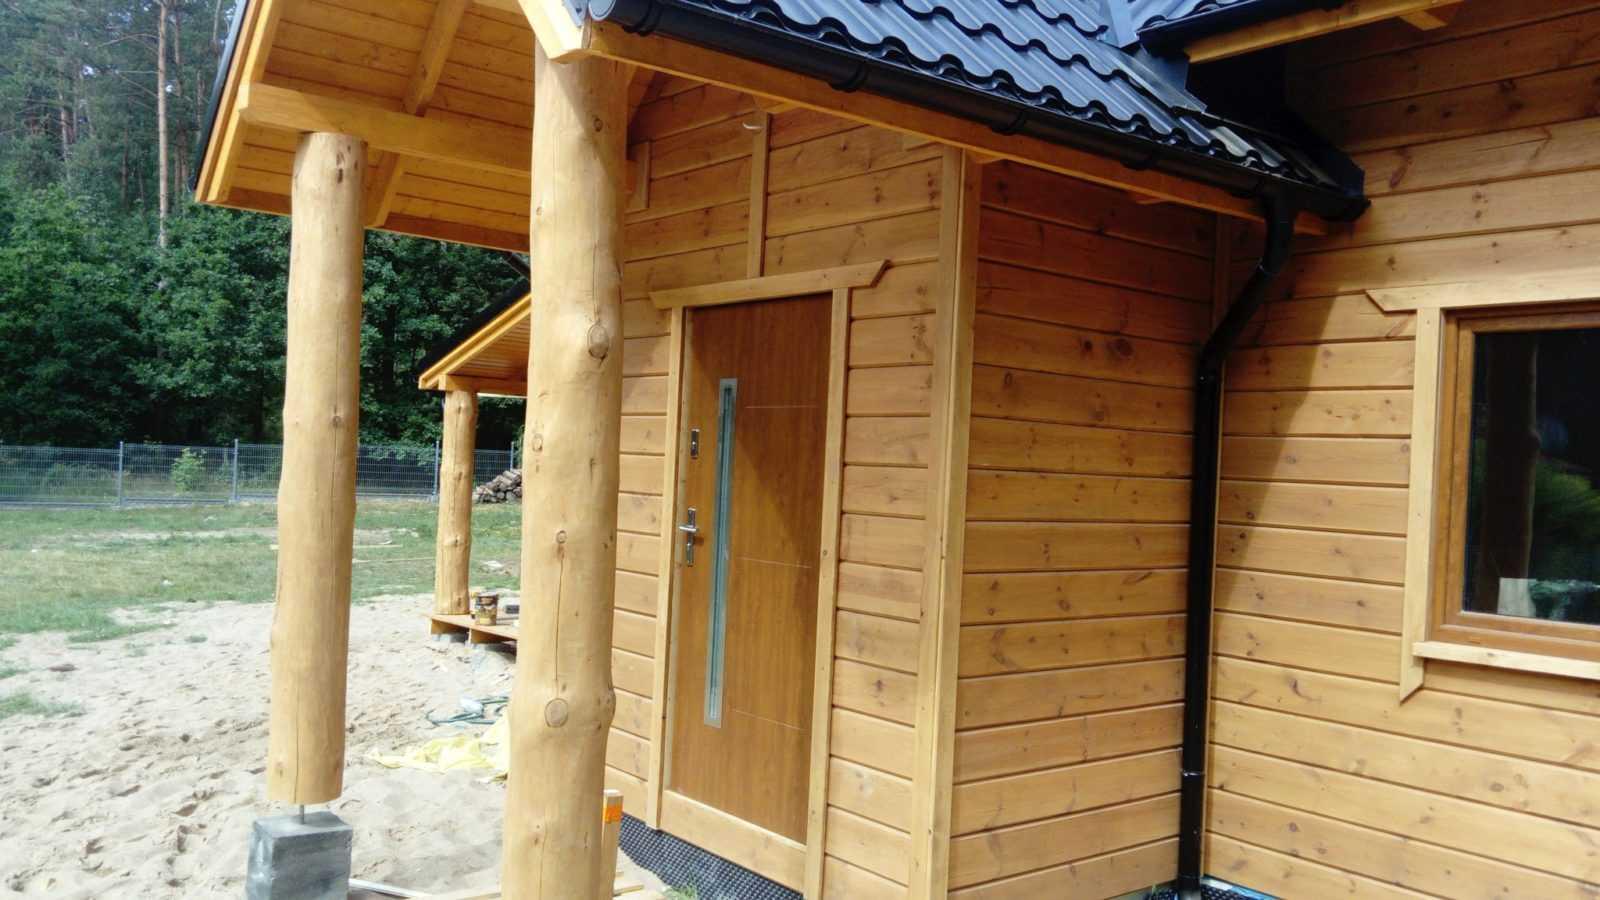 domy drewniane szeregowe energooszczedne pasywne domy gora 10